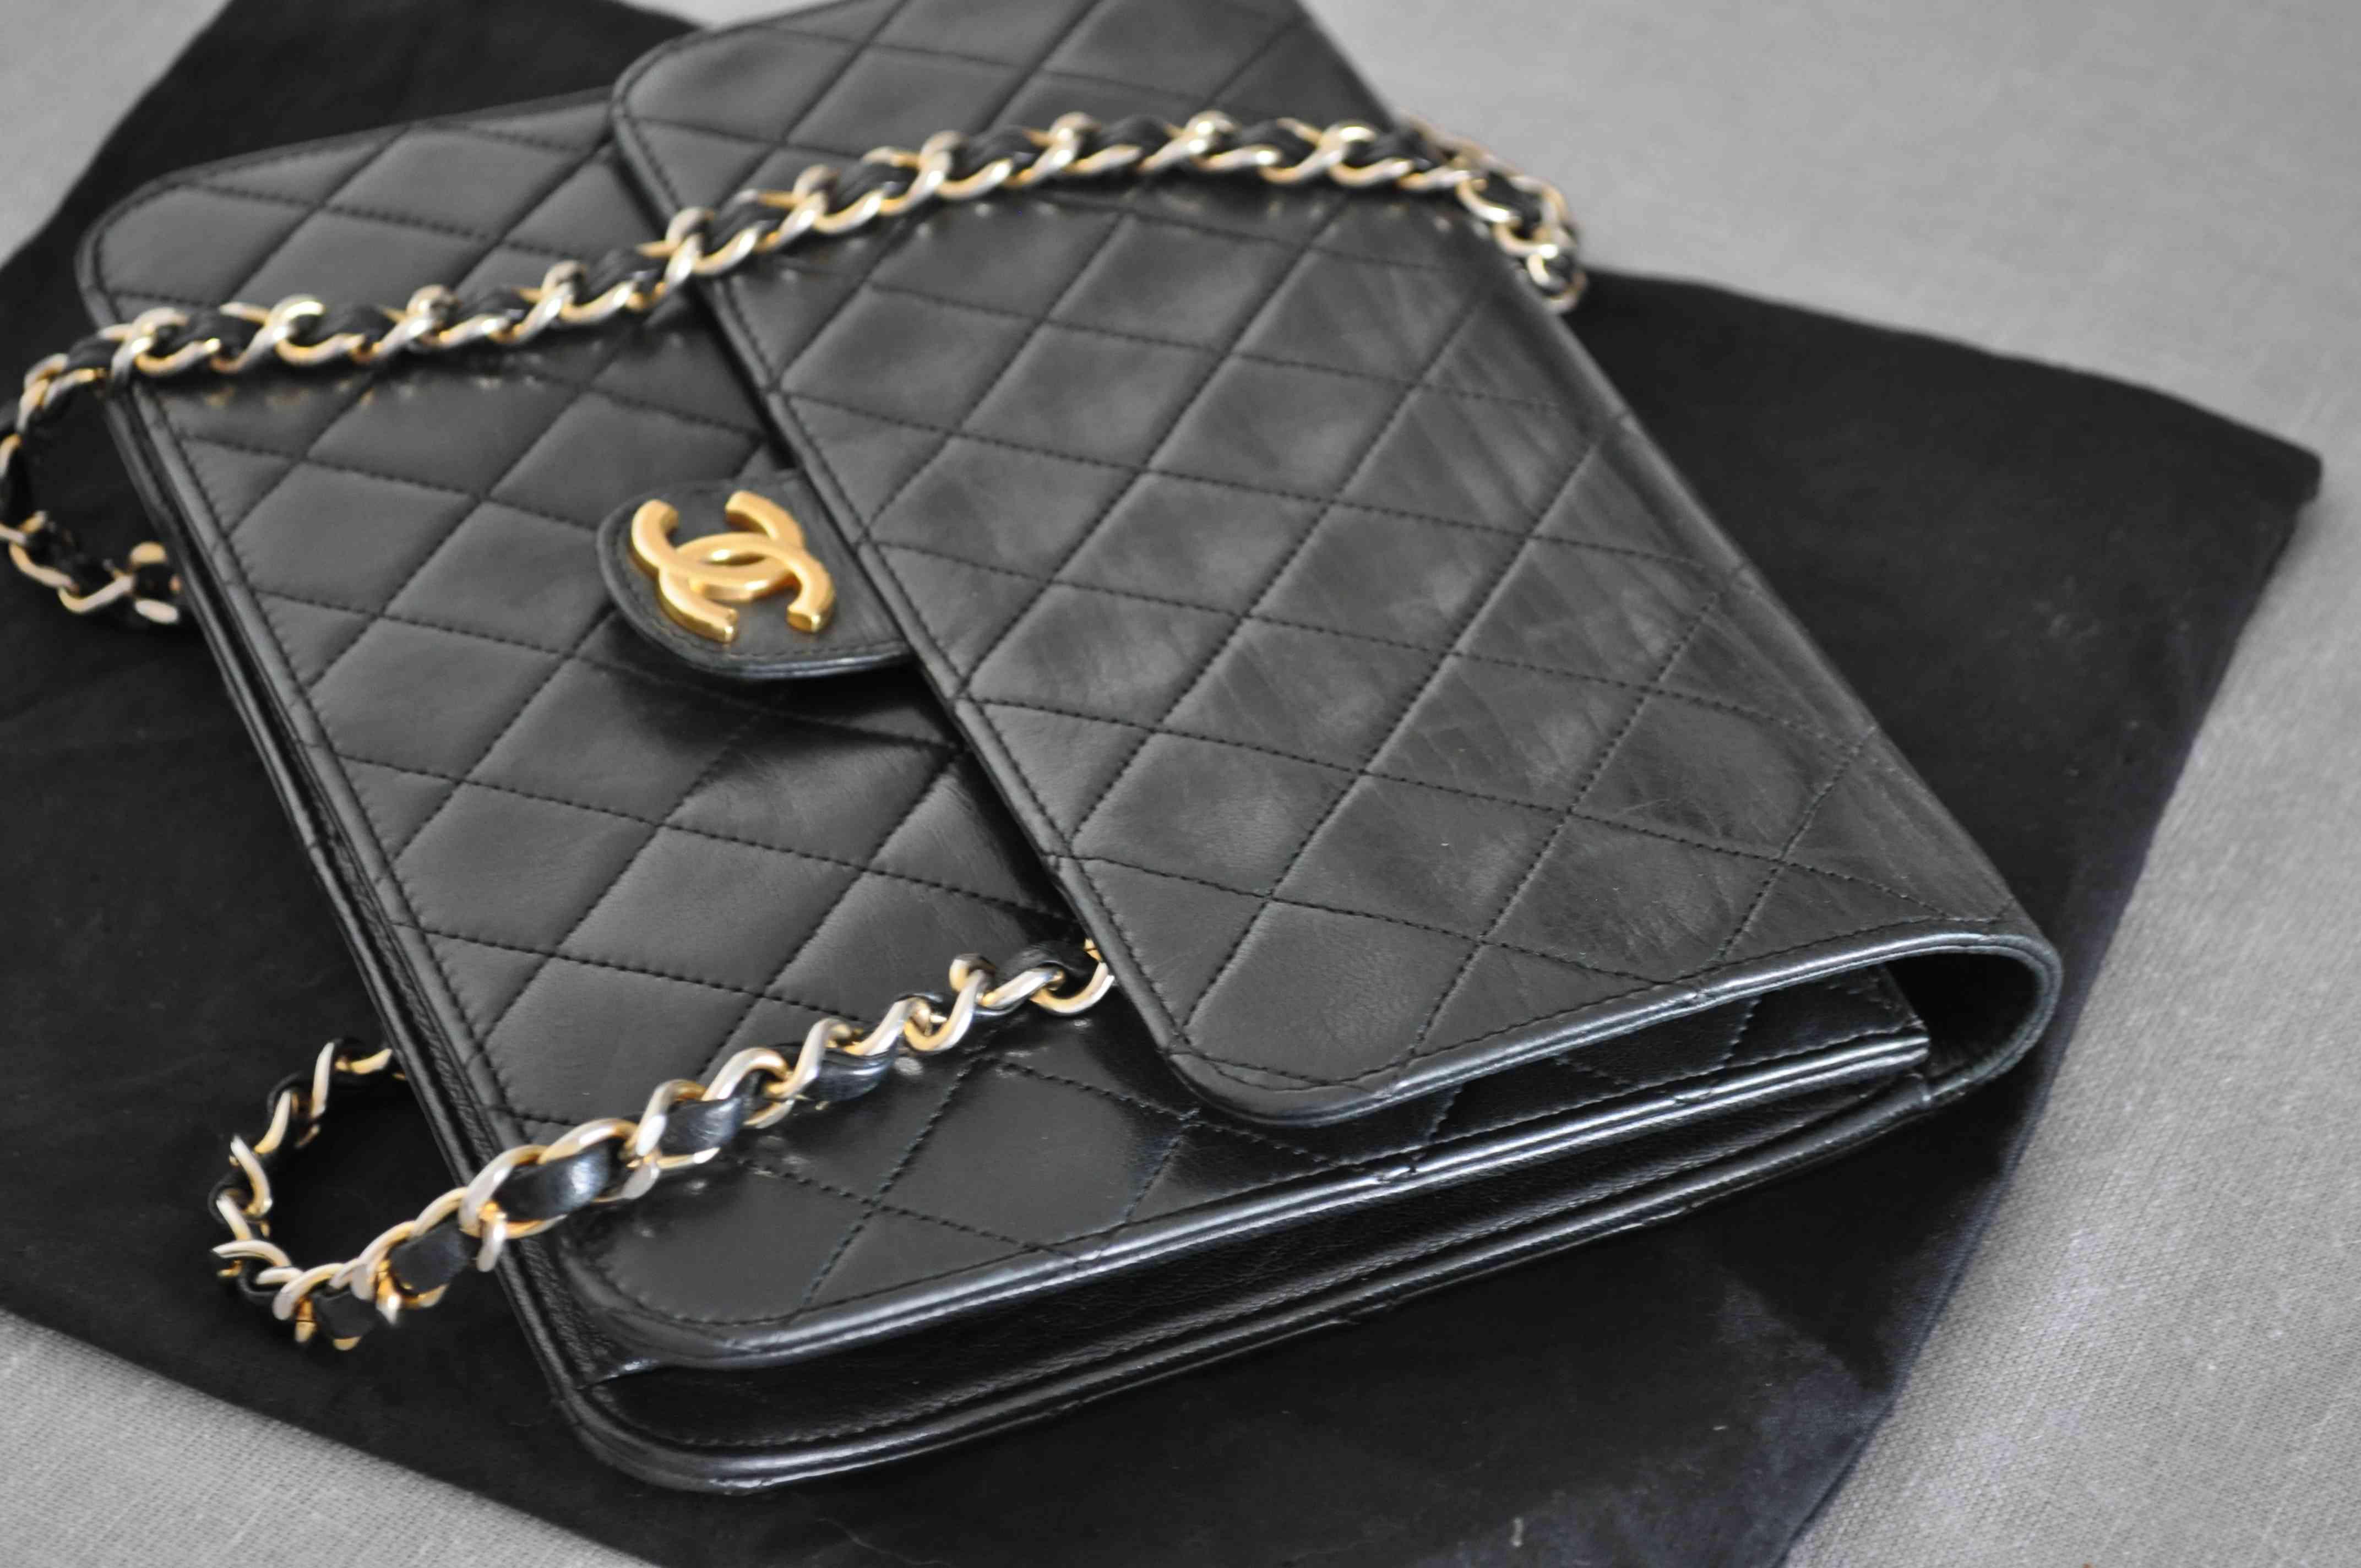 Aide à propos d un modèle ancien du Chanel 2.55 - Forum libre Beauté ... 298ce19e37d